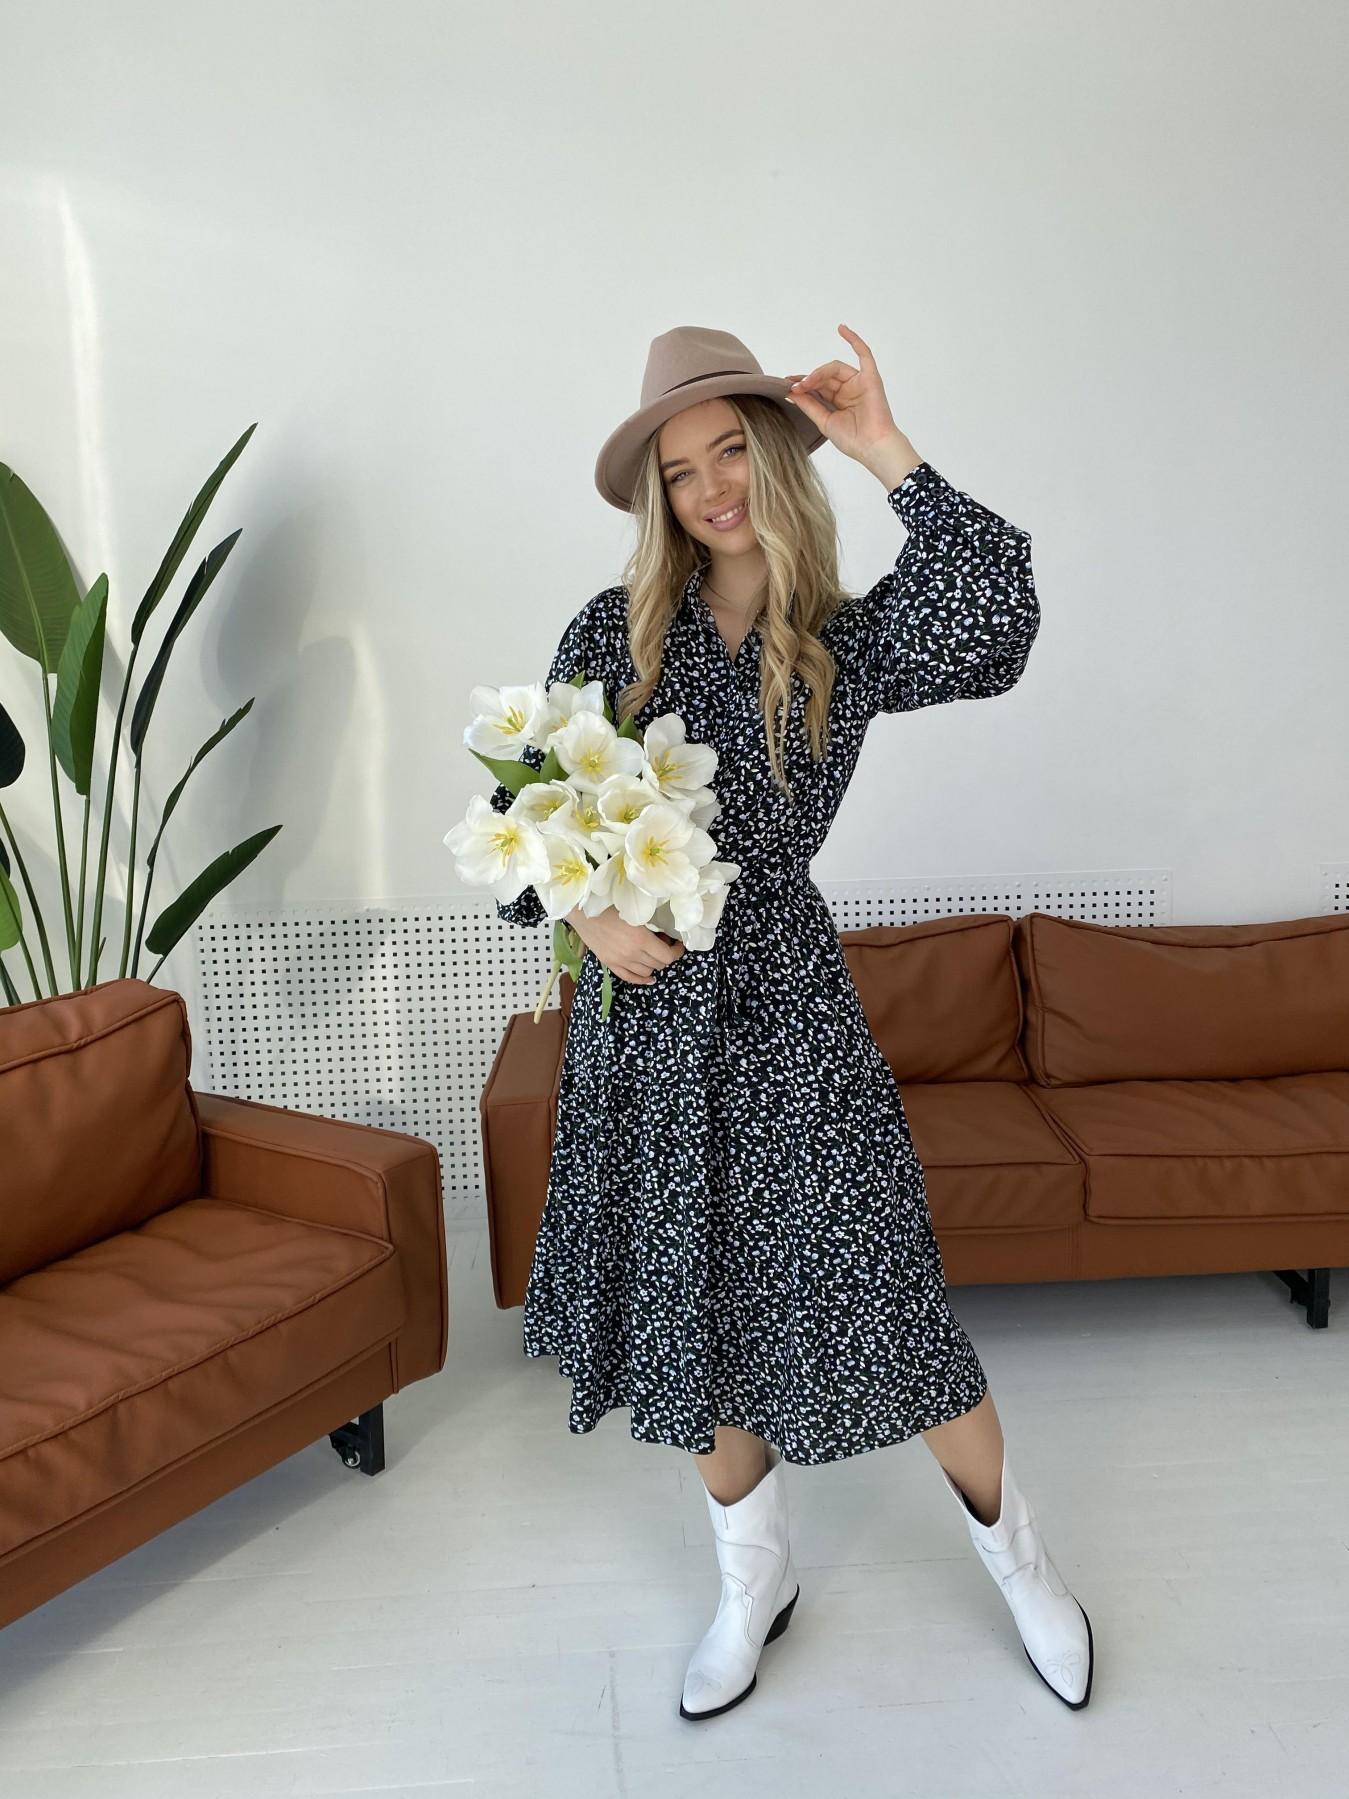 Лилия штапель принт платье 10879 АРТ. 47351 Цвет: Цветы мел черн/бел/гол - фото 3, интернет магазин tm-modus.ru